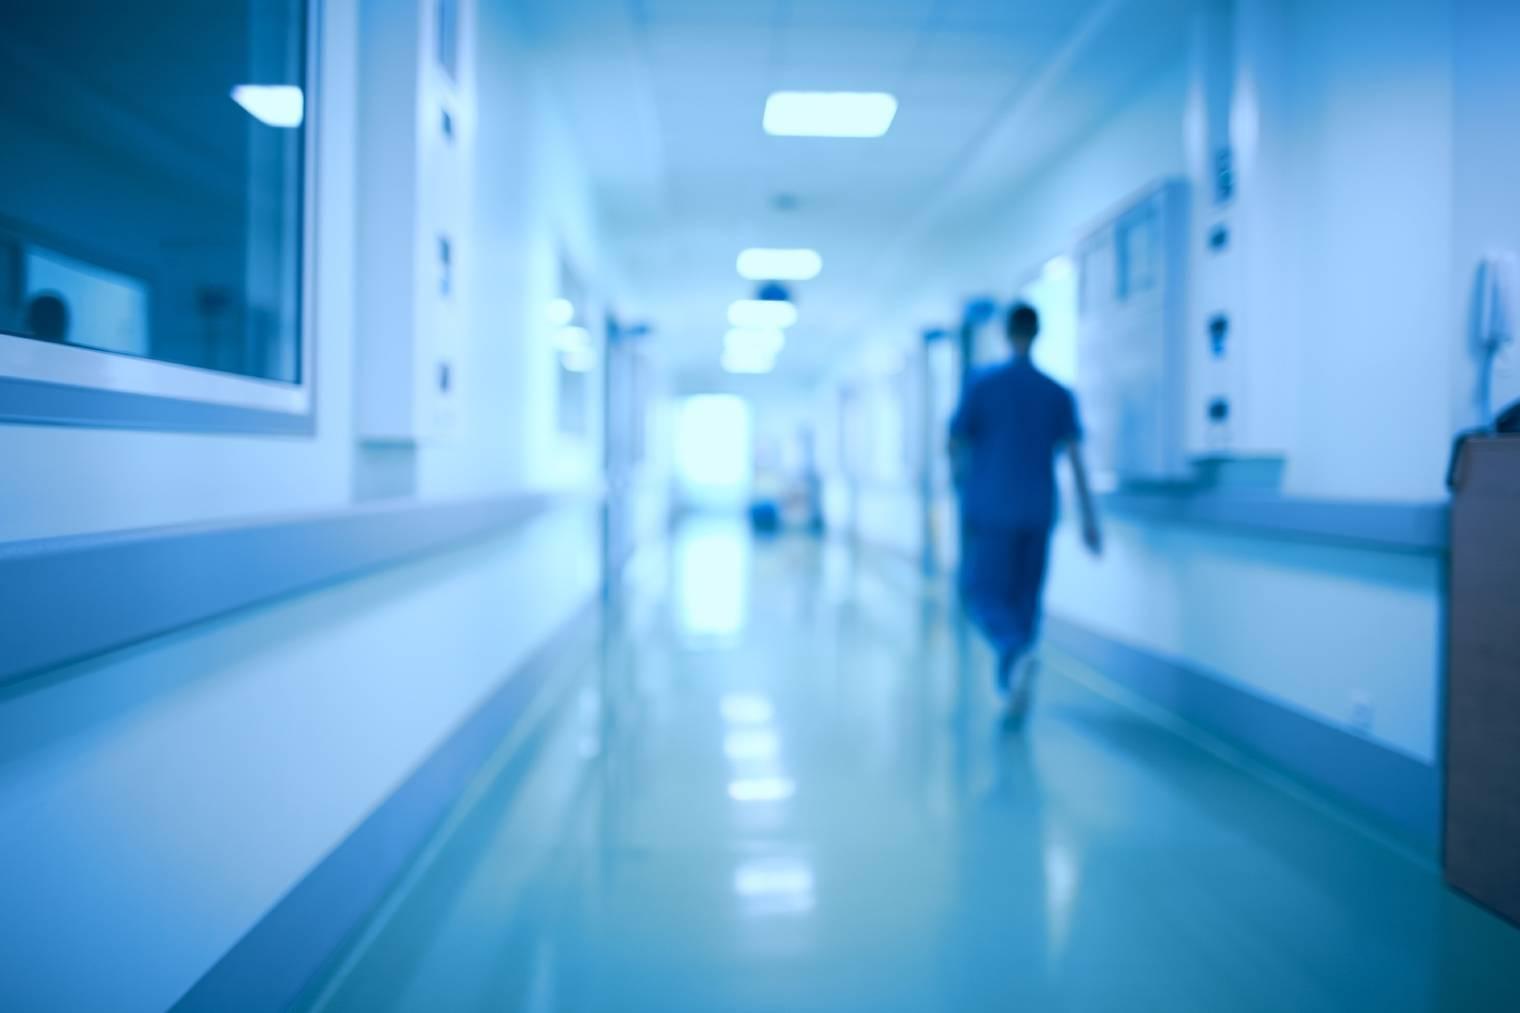 Das Spital in Chur öffnet seine Türen. (Bild: istock/Symbolbild)